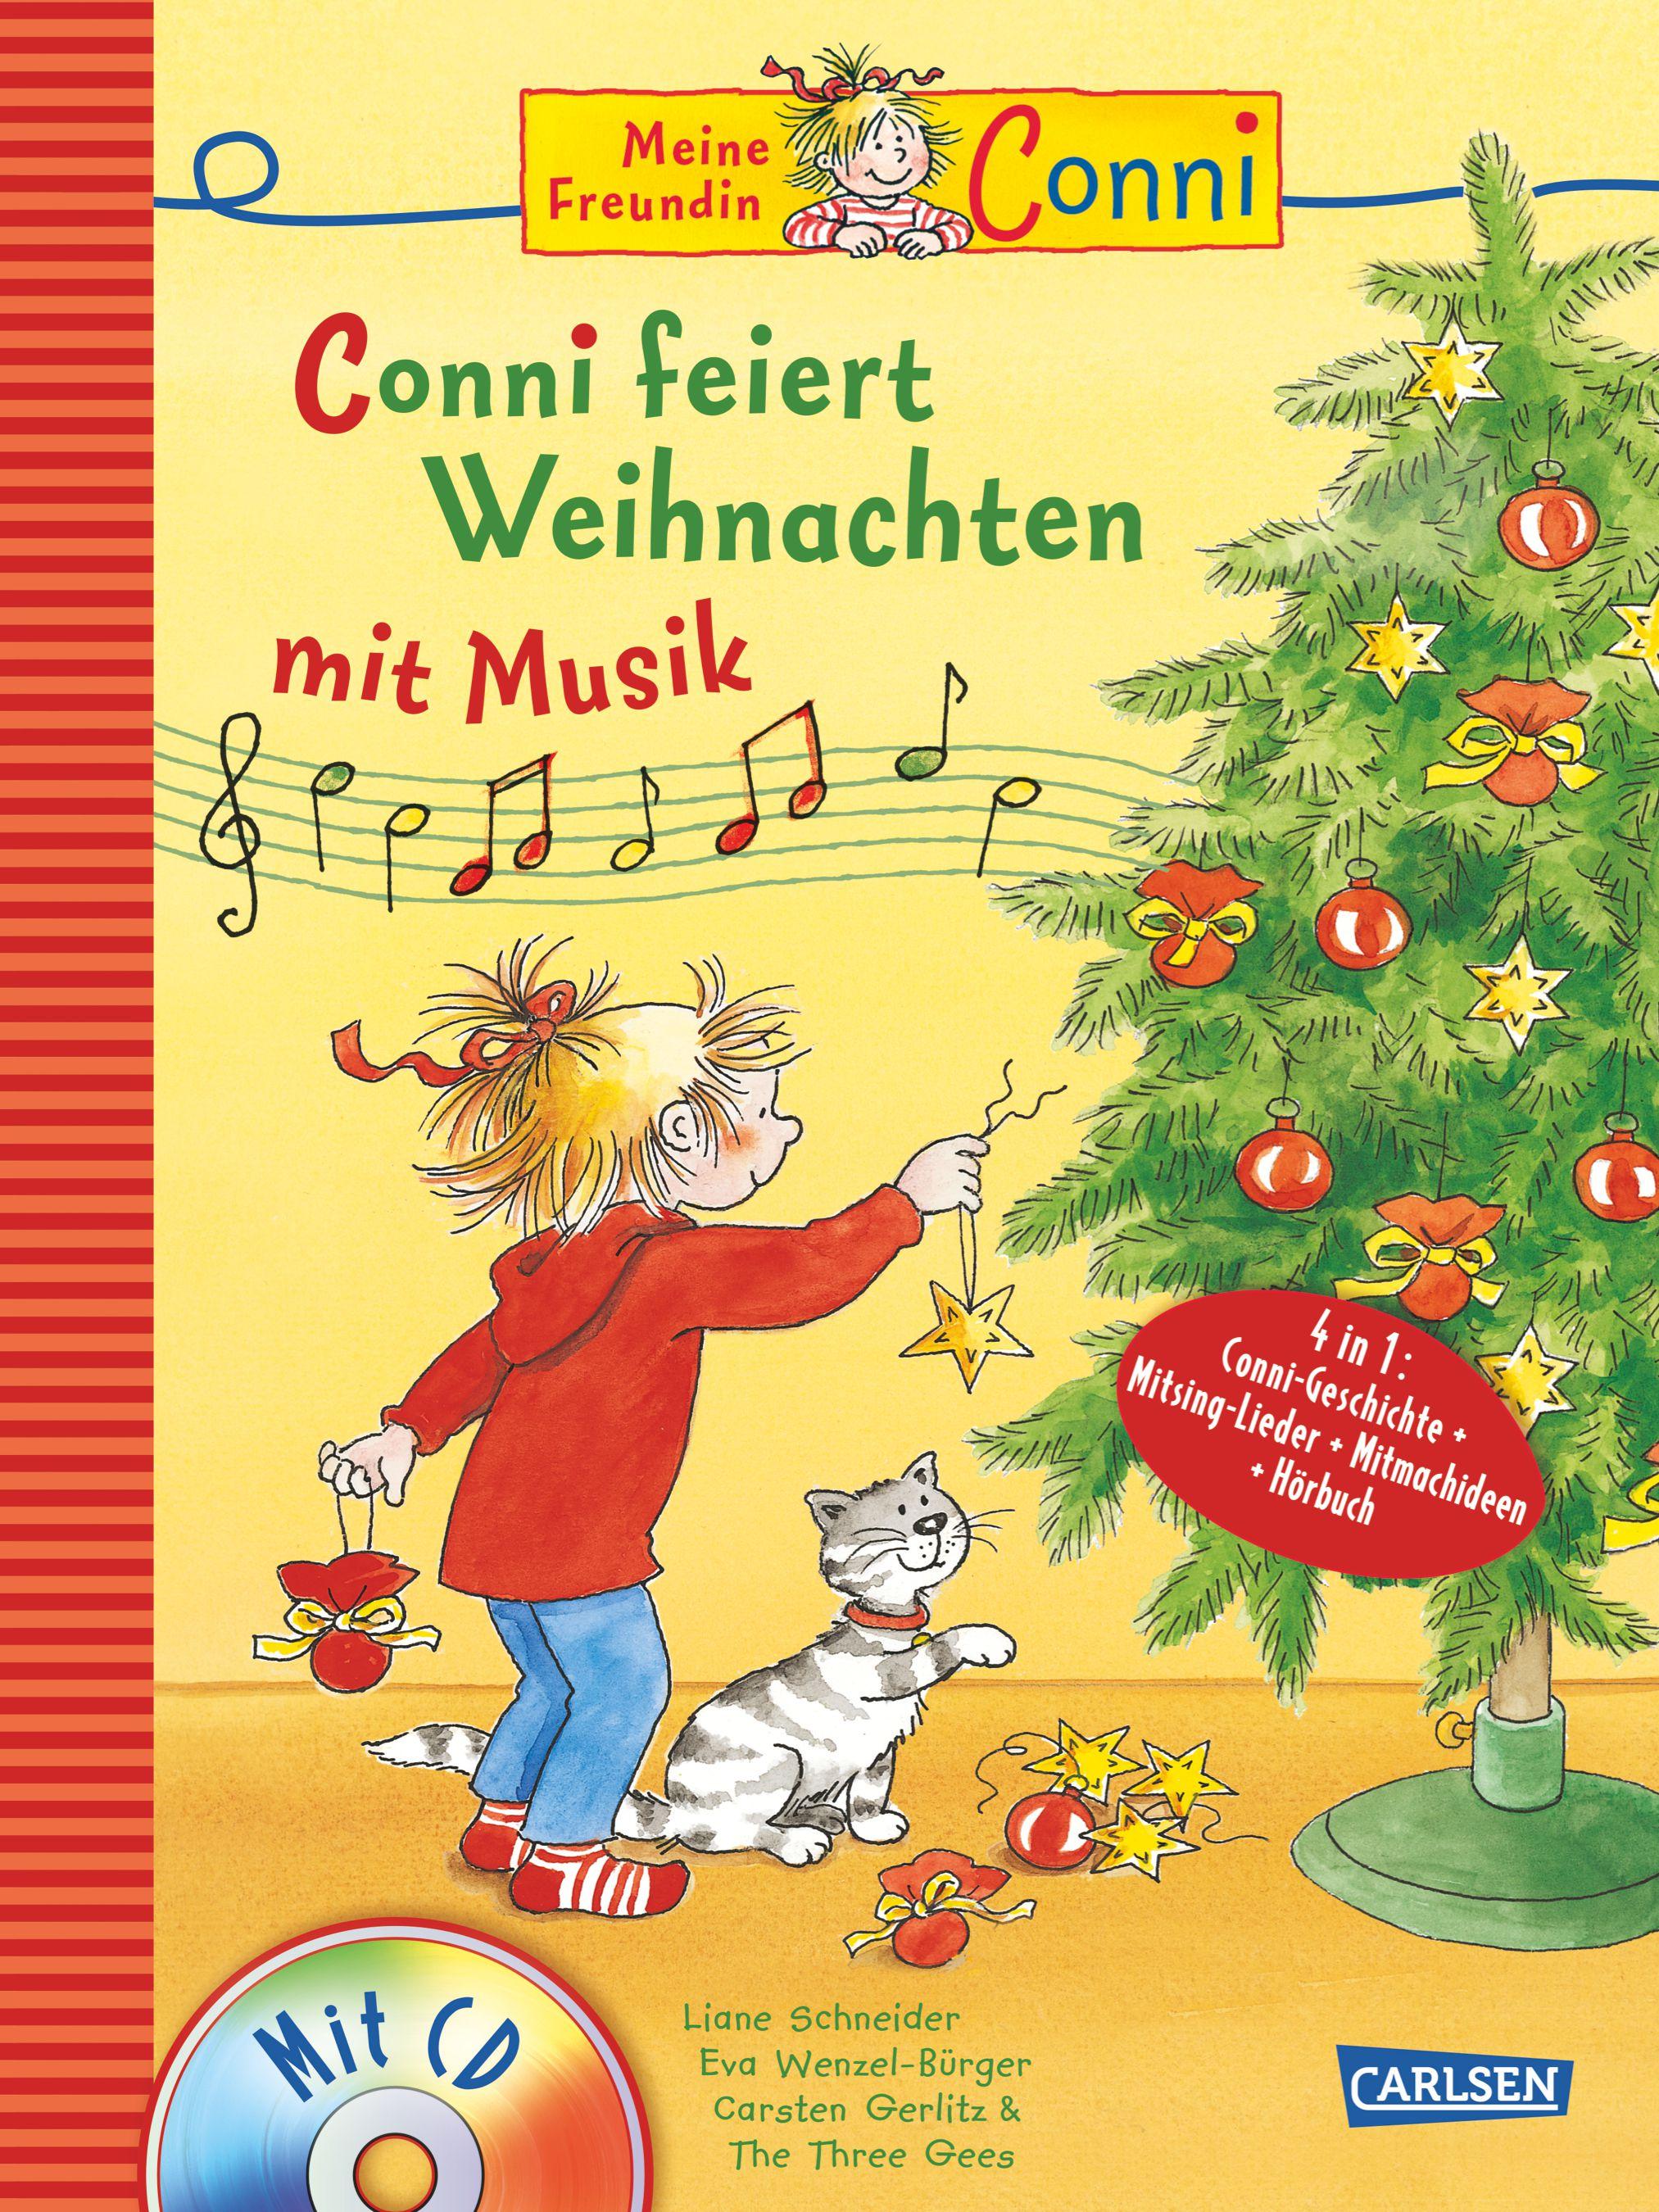 conni musicalbuch conni feiert weihnachten mit musik von. Black Bedroom Furniture Sets. Home Design Ideas